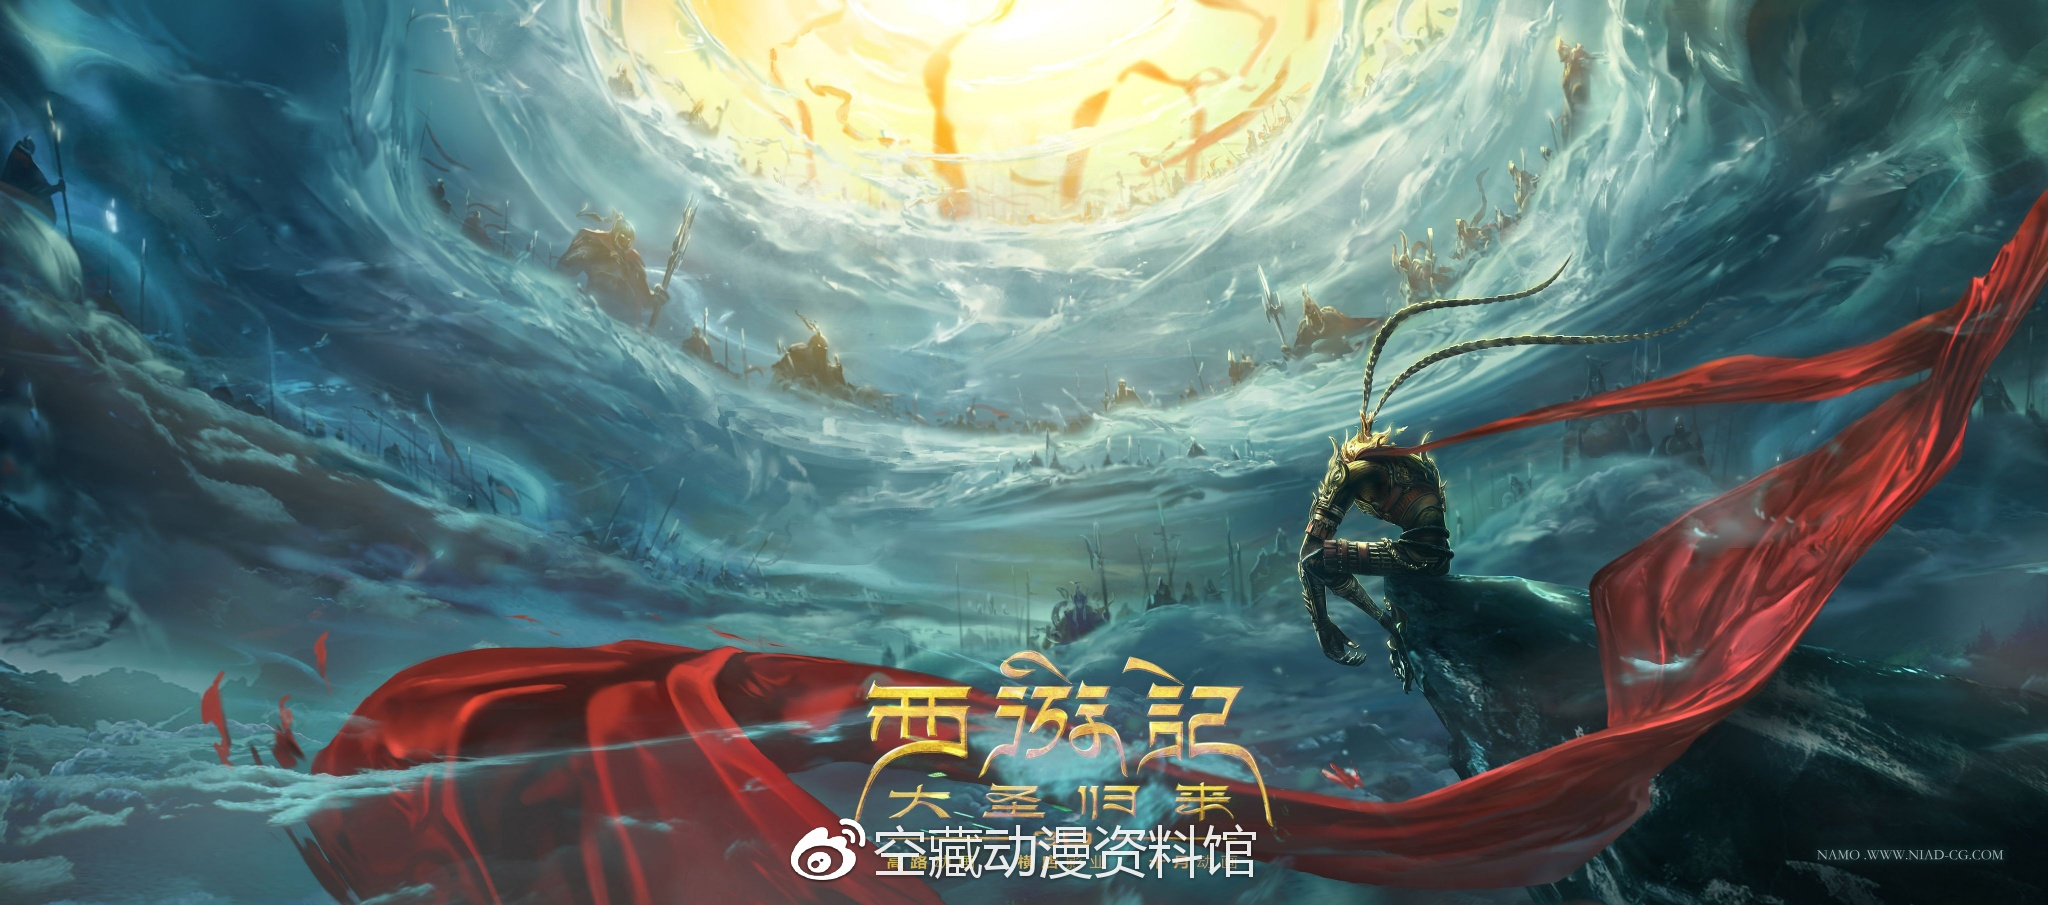 动画电影《西游记之大圣归来》(2015年)